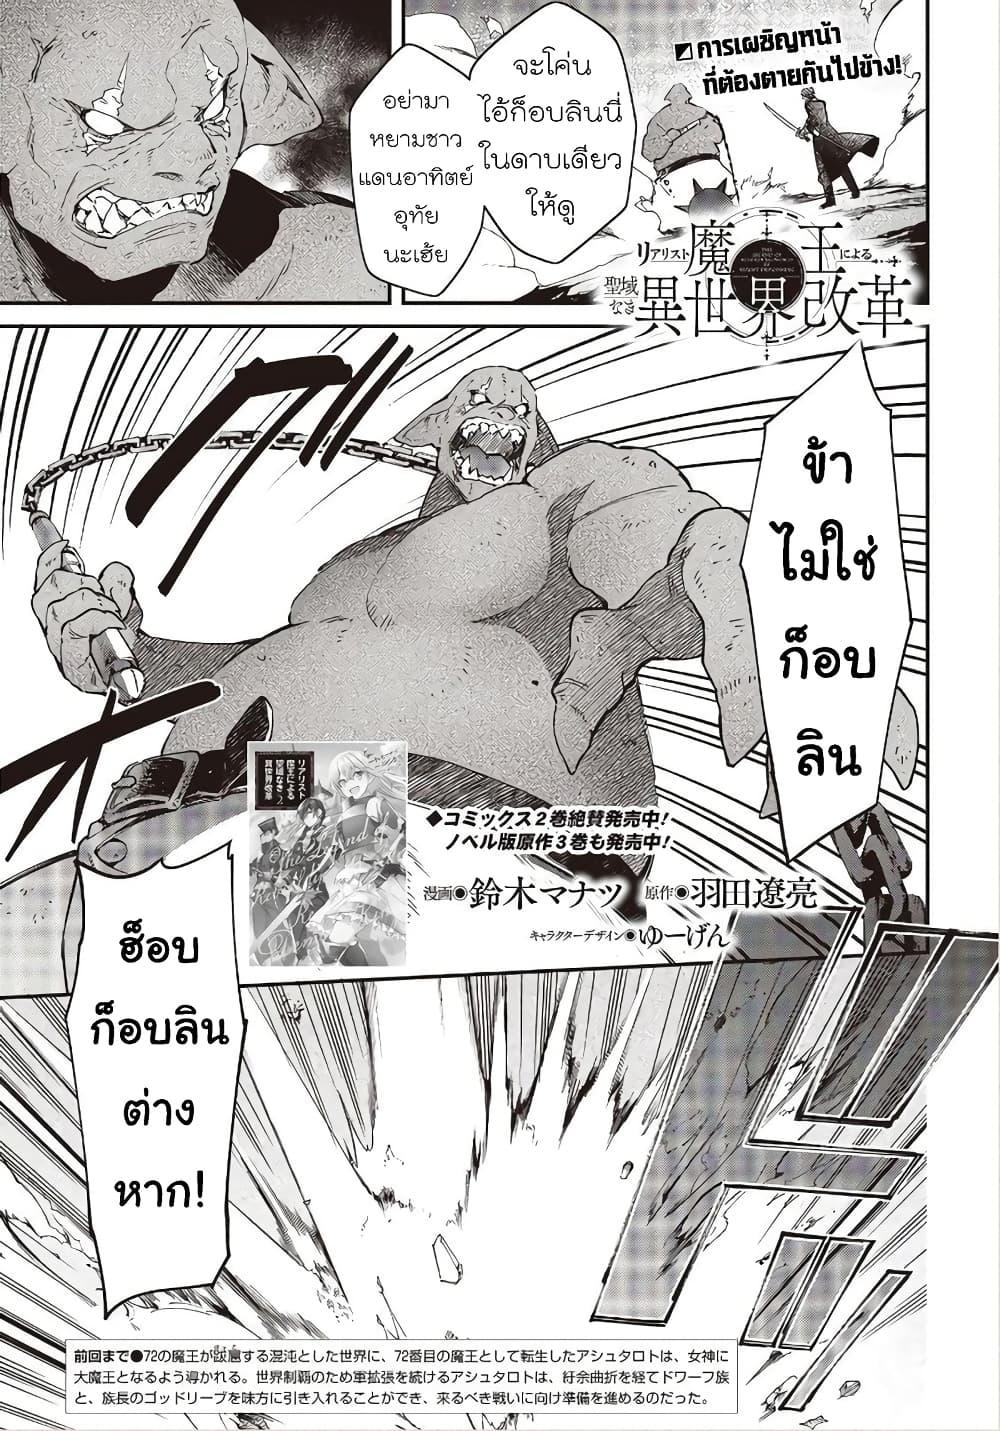 Realist Maou Niyoru Seiiki Naki Isekai Kaikaku ตอนที่ 17